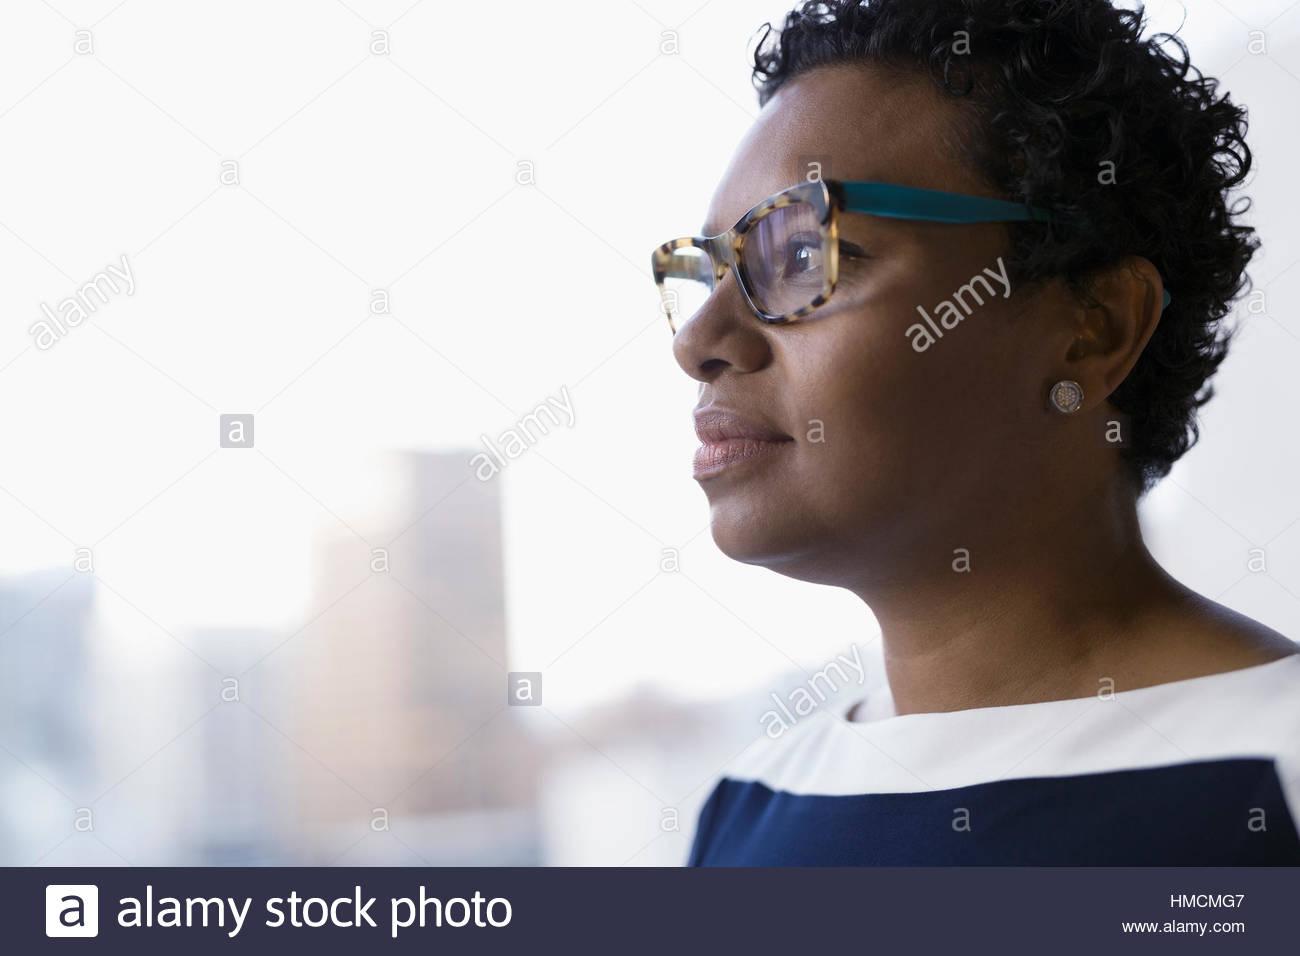 e84c4445d2 Business Women Eyeglasses Uncertainty Imágenes De Stock & Business ...